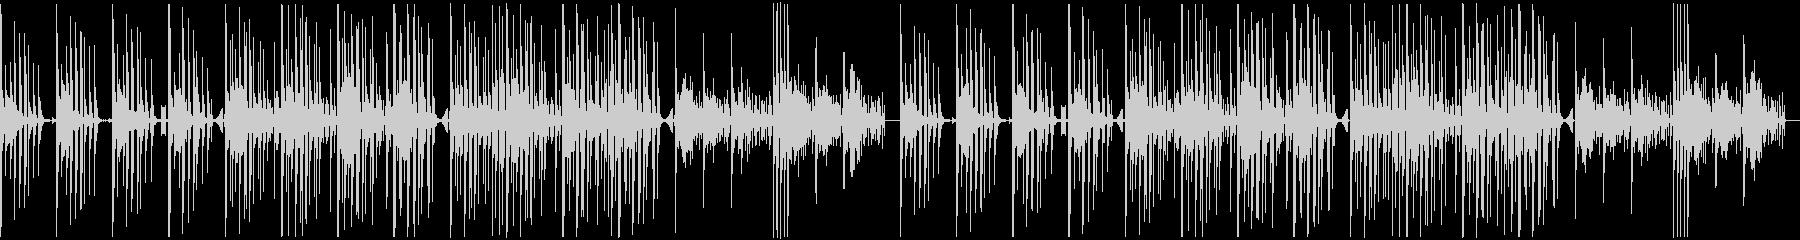 軽快で緊迫感のあるエレクトロBGMの未再生の波形